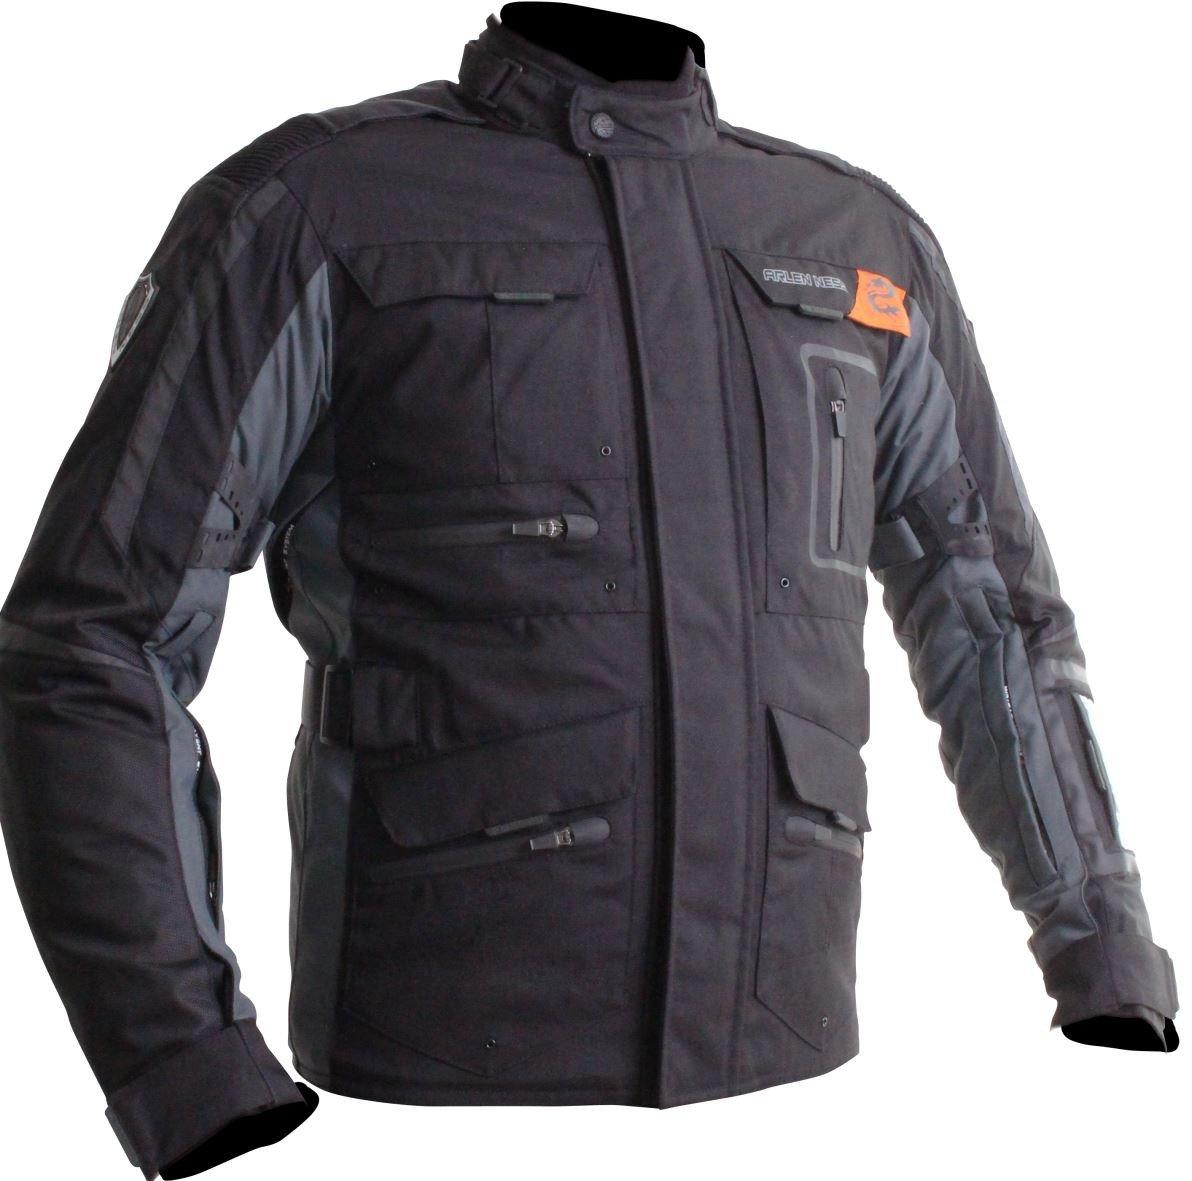 Motorrad Kombi Lederkombi Rennanzug Rennkombi Anzug Sack Schutzh/ülle Tasche Aufbewahrung RACEFOXX